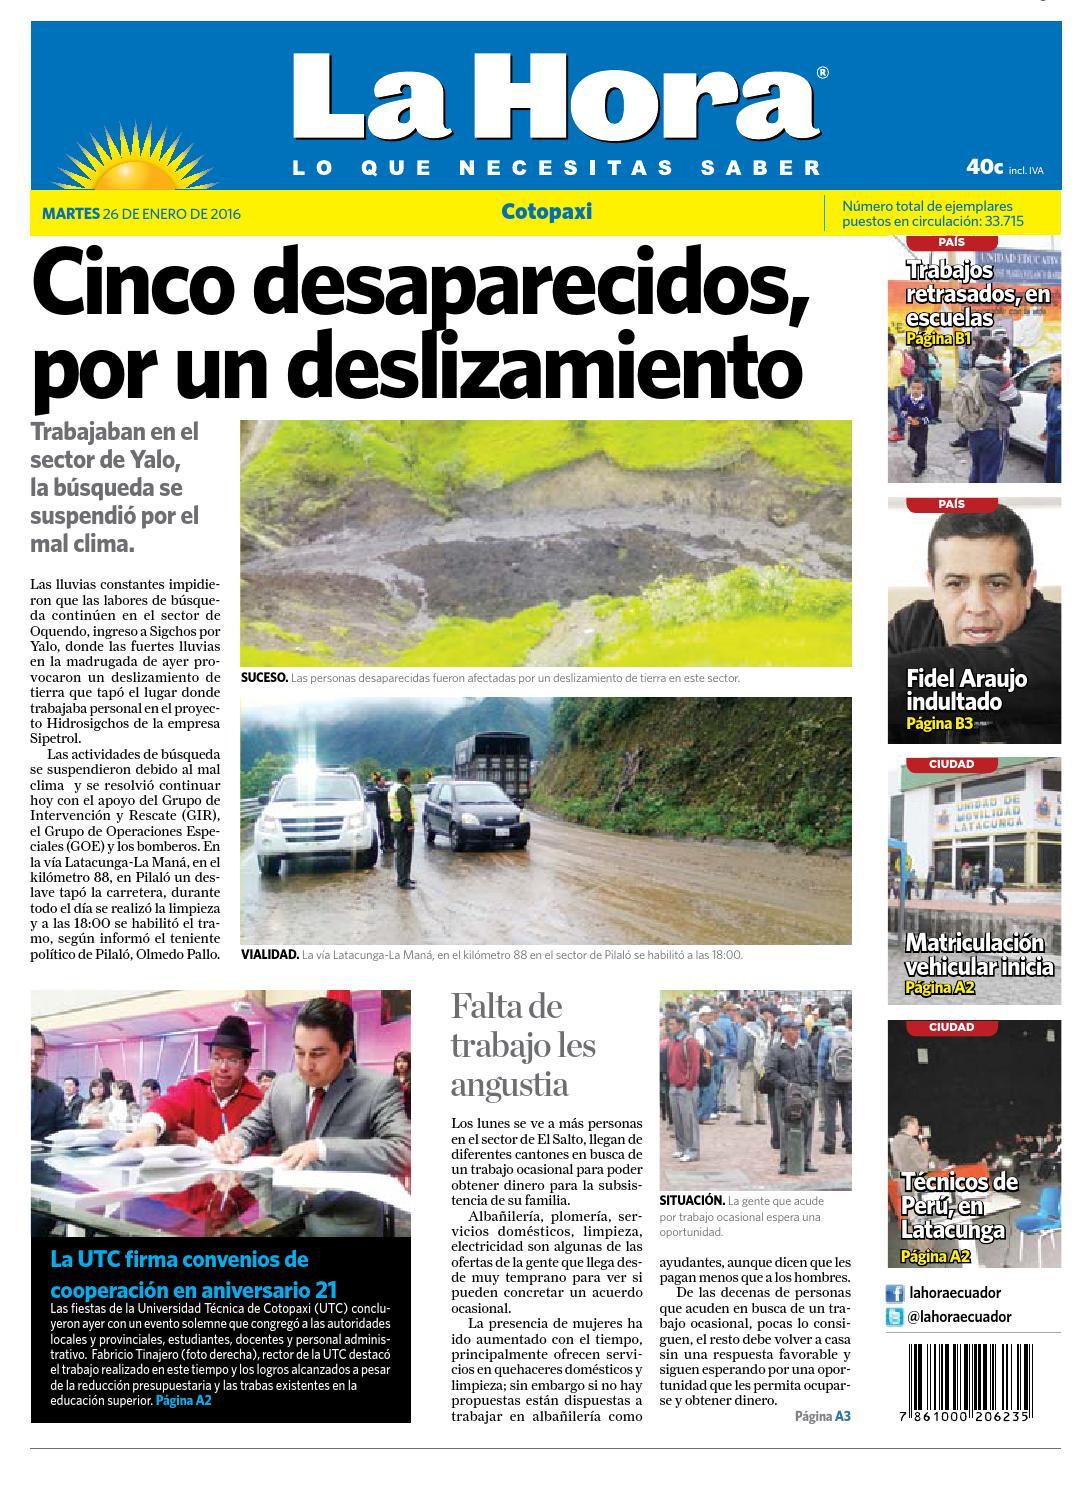 gaviones decorativos 2016 02 economicos de el mercurio bin Cotopaxi 26 enero 2016 by Diario La Hora Ecuador - issuu